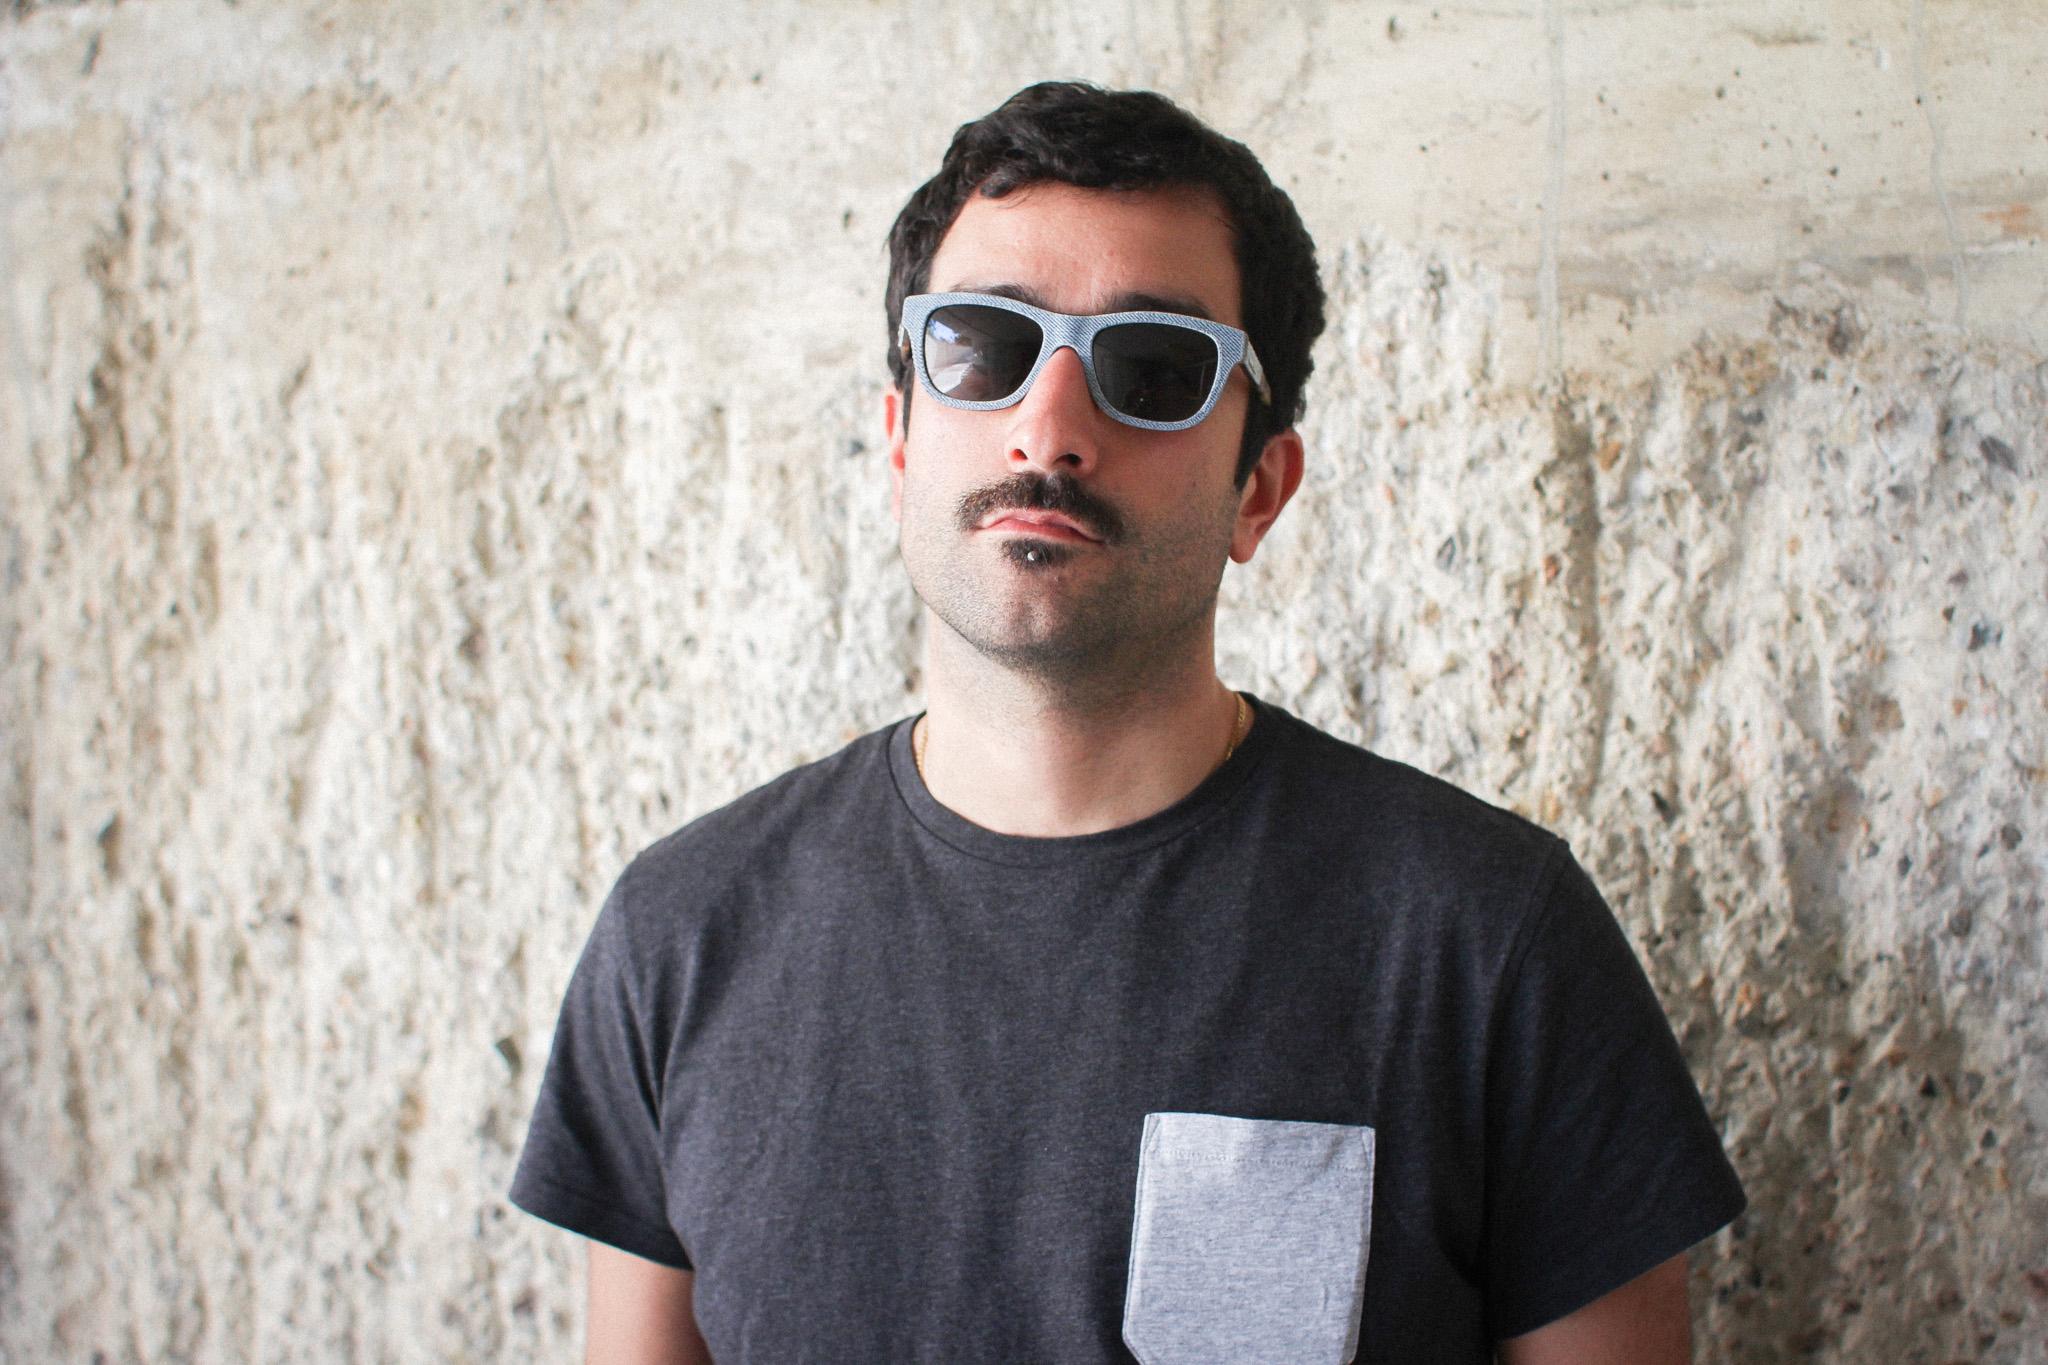 diesel-sunglasses-editorial-rfm-16.jpg